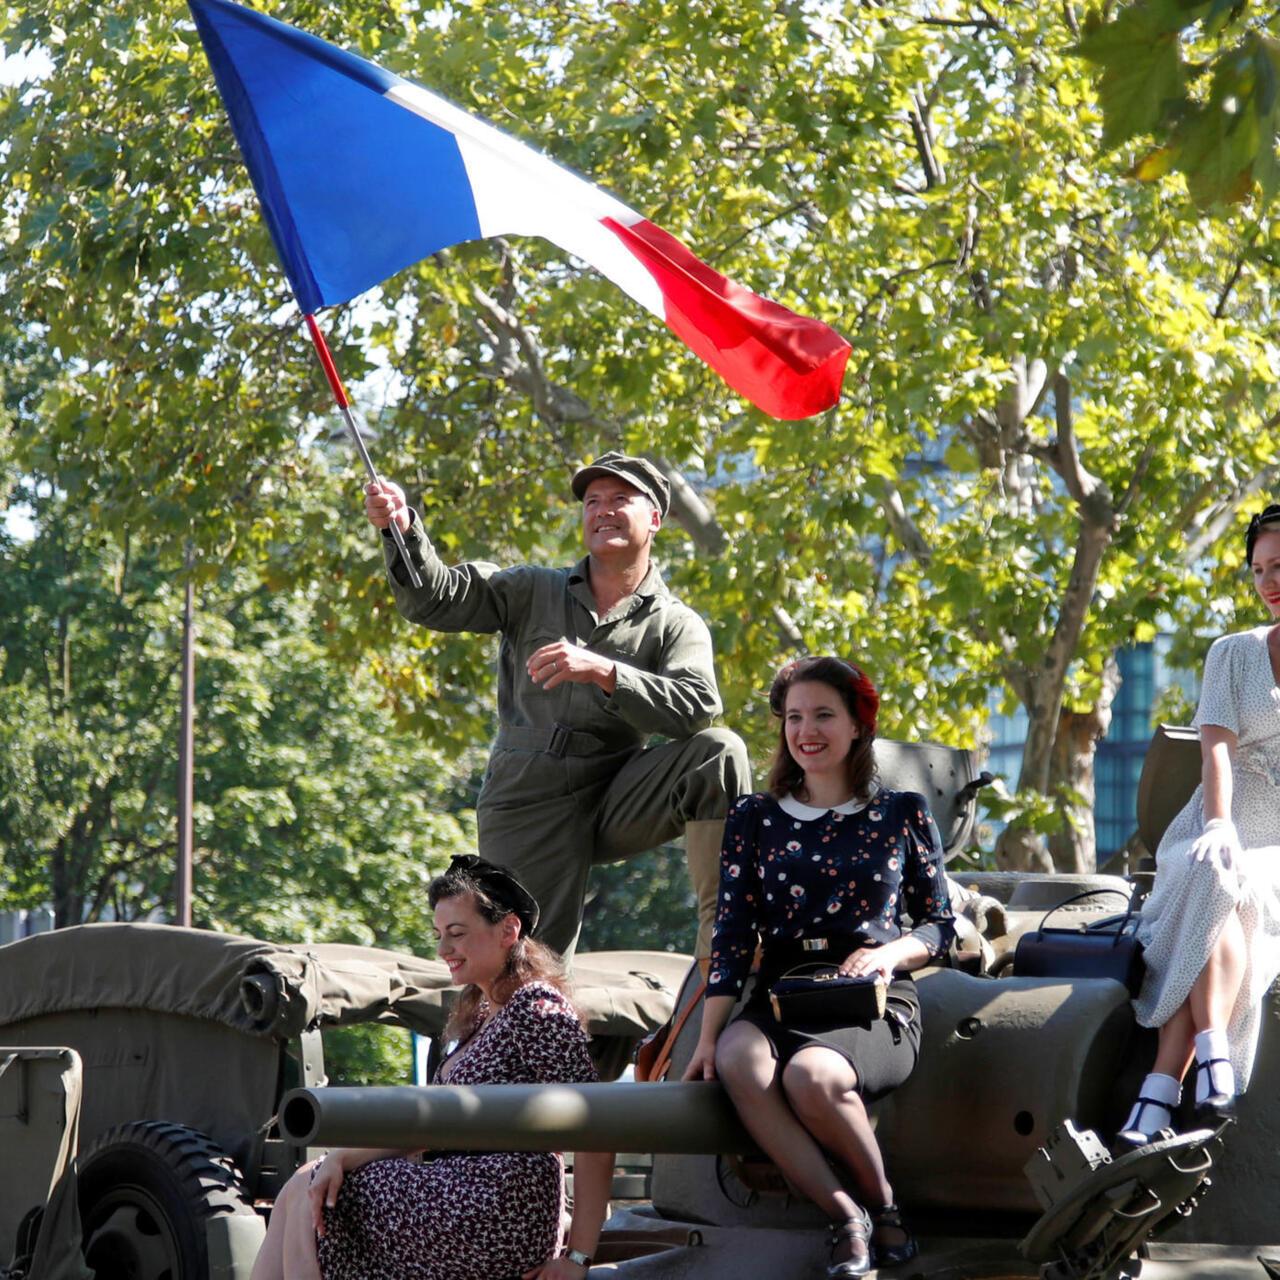 París Liberado La Capital Francesa Conmemoró El 75 Aniversario De Su Liberación